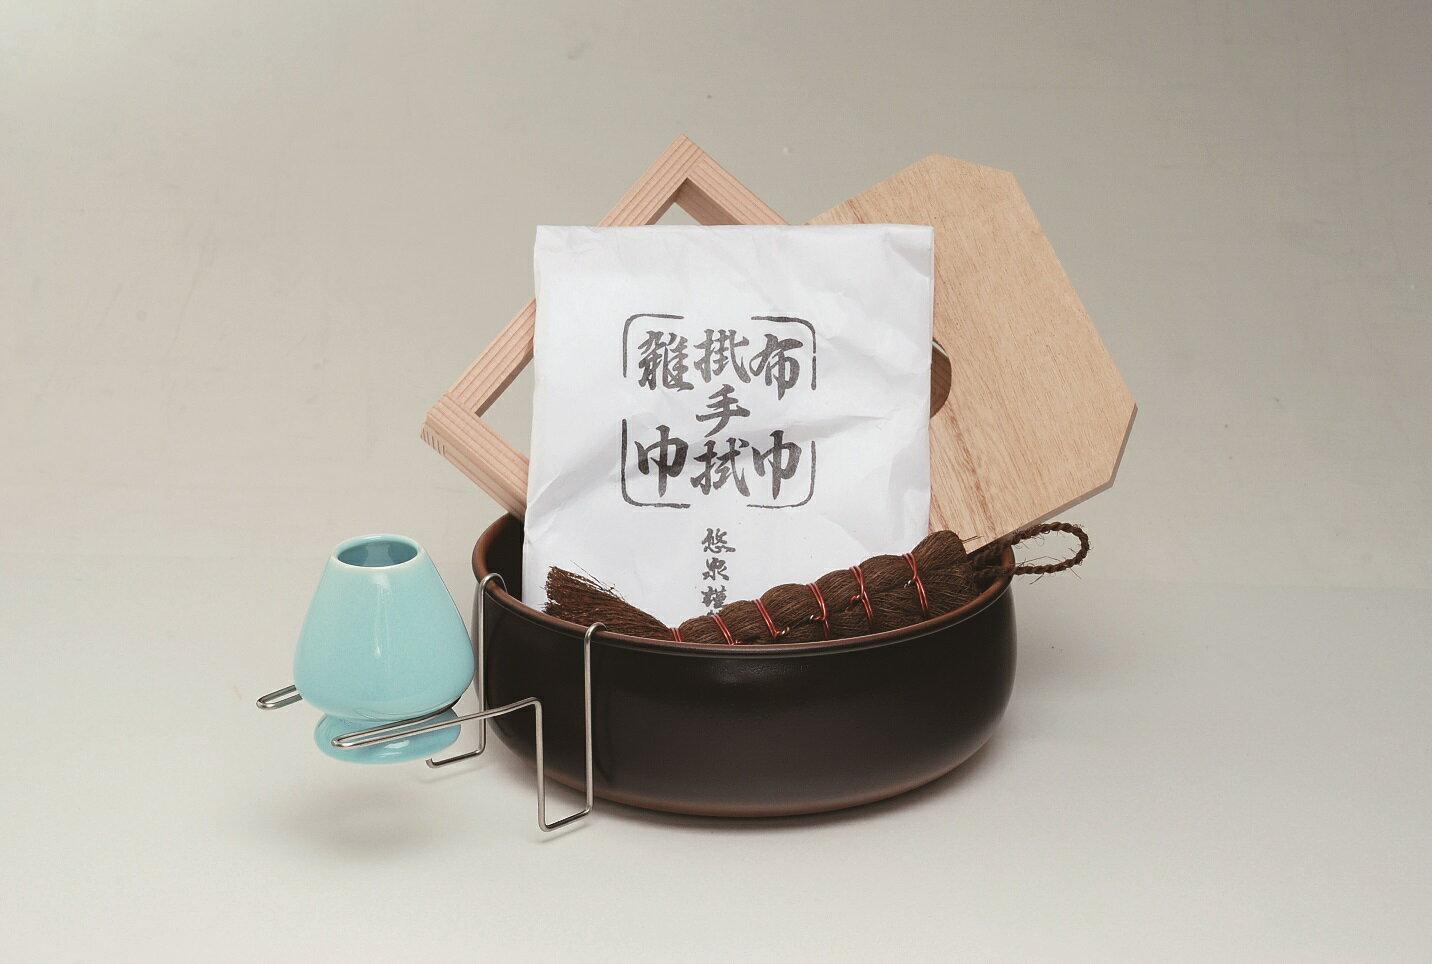 【送料無料※一部地域を除く】【茶道具】水屋道具茶巾たらいセット